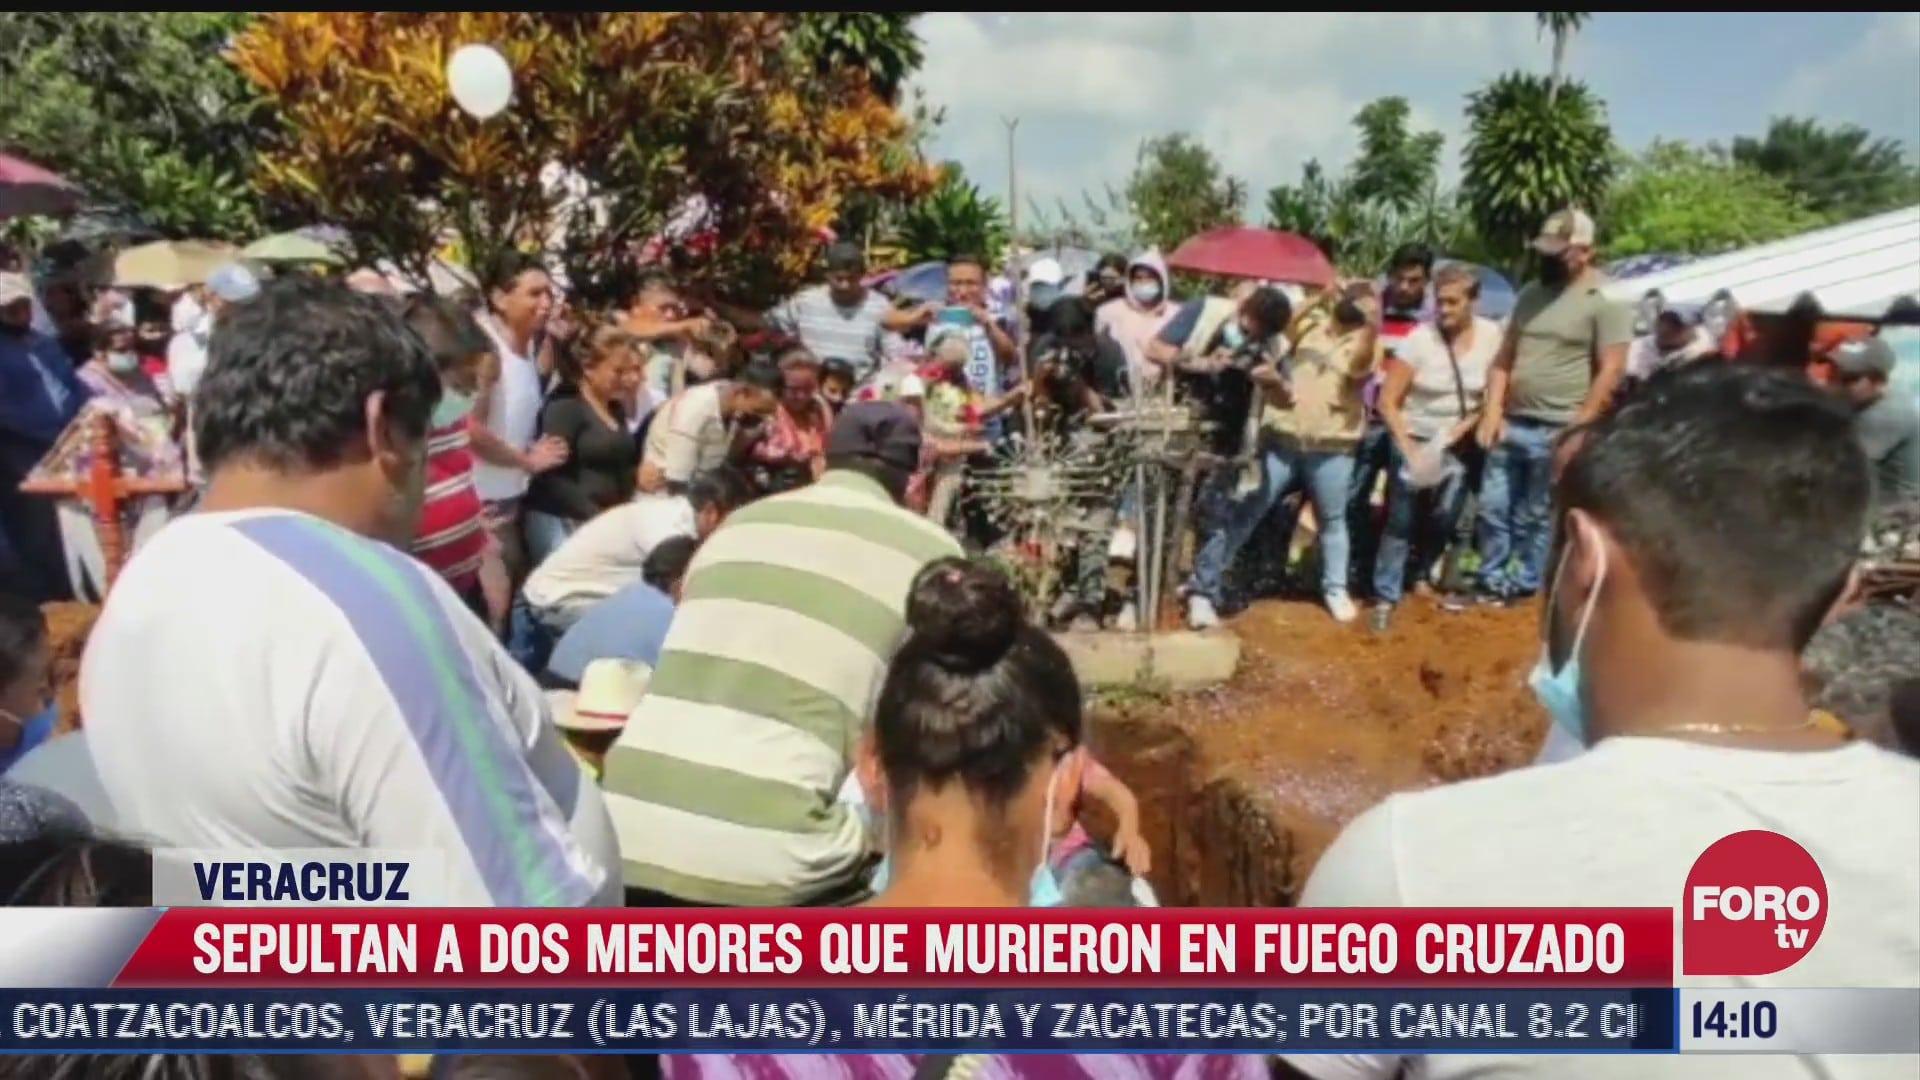 sepultan a dos menores que murieron en fuego cruzado en veracruz